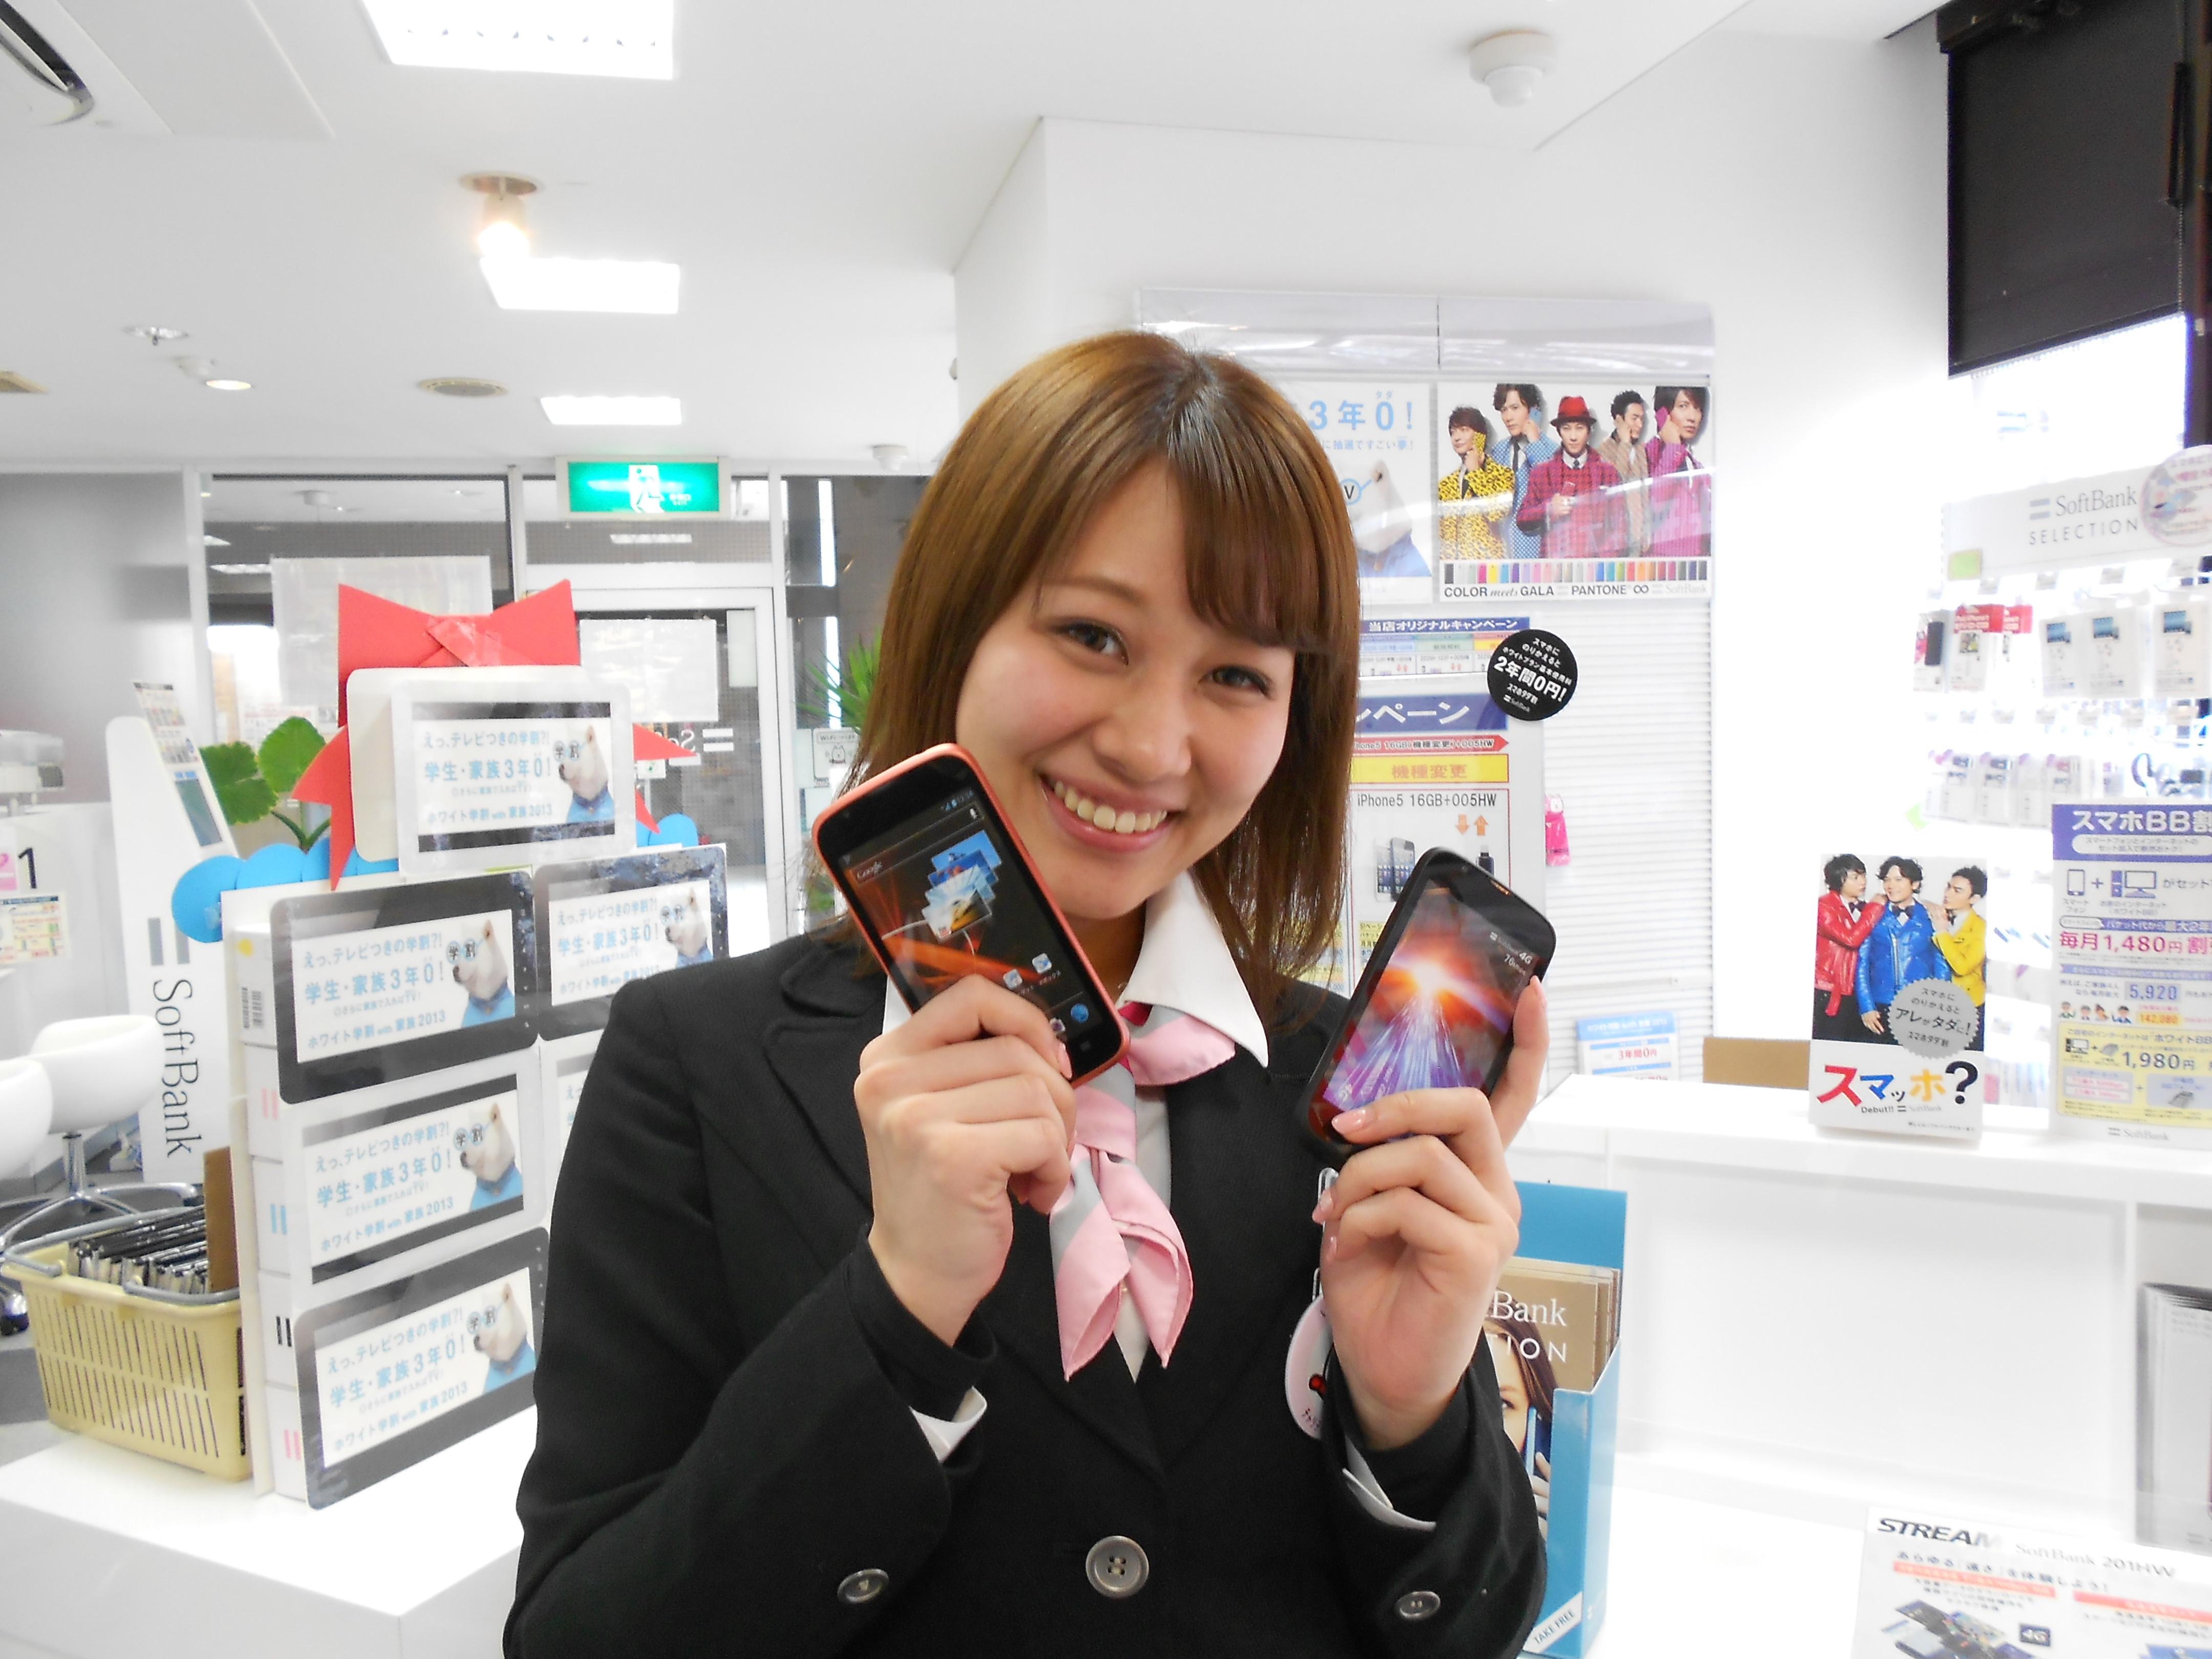 ソフトバンク 下北沢北口駅前(株式会社シエロ)のアルバイト情報